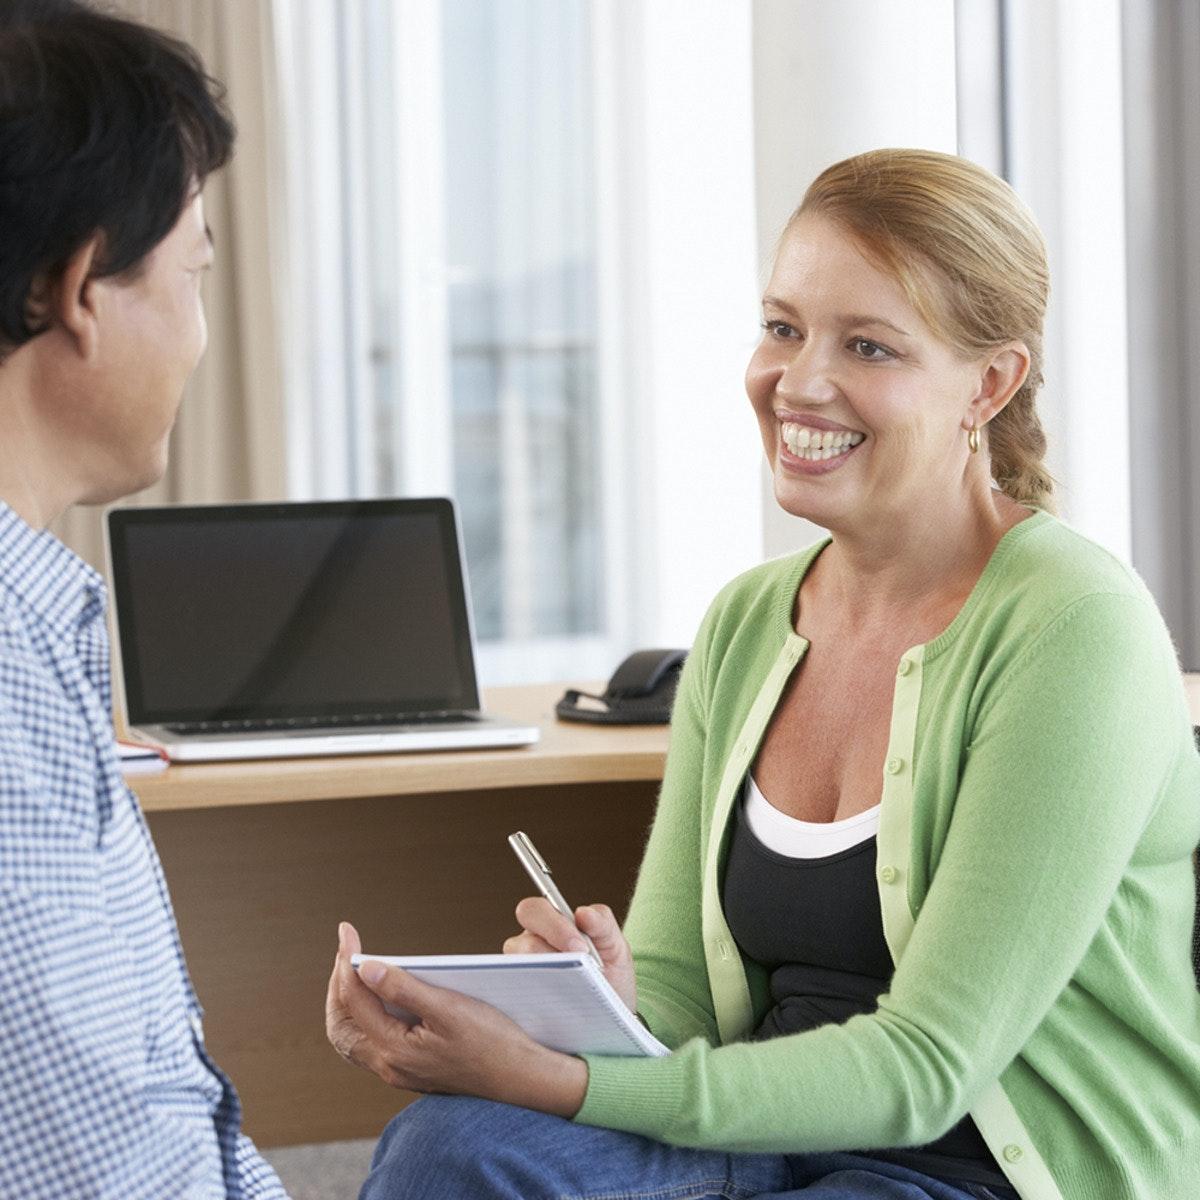 Coaching: Coaching Conversations